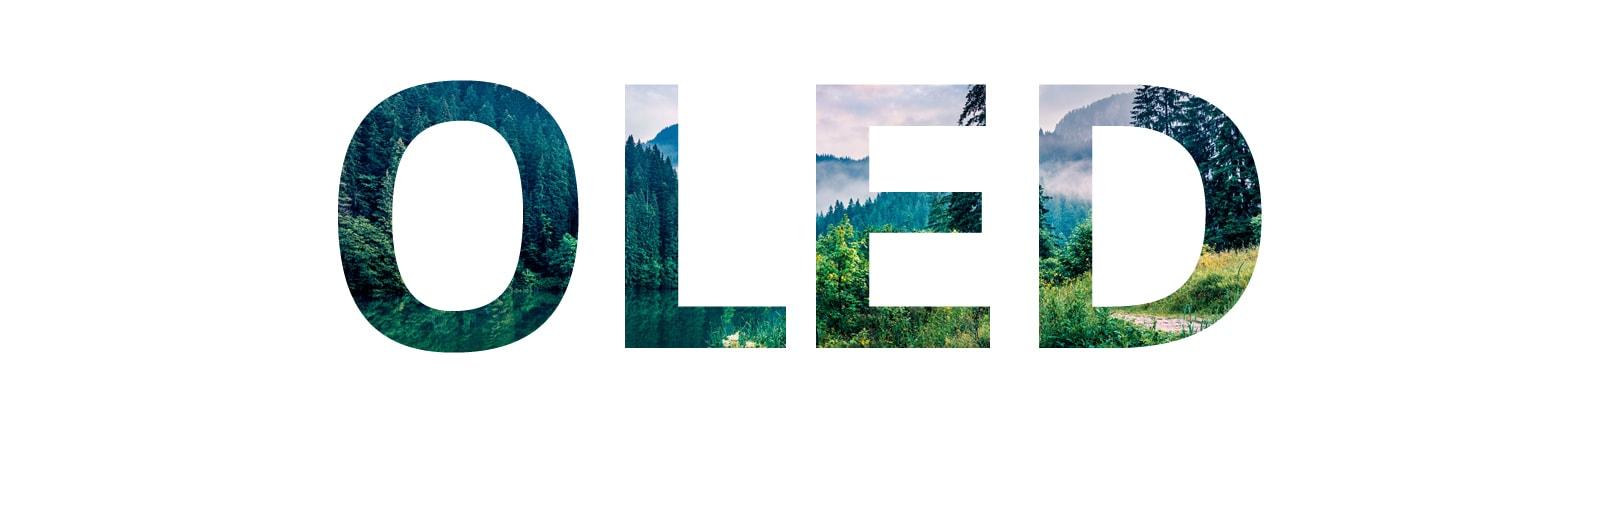 右側滑入的大自然圖像被「OLED」字樣填滿(播放影片)